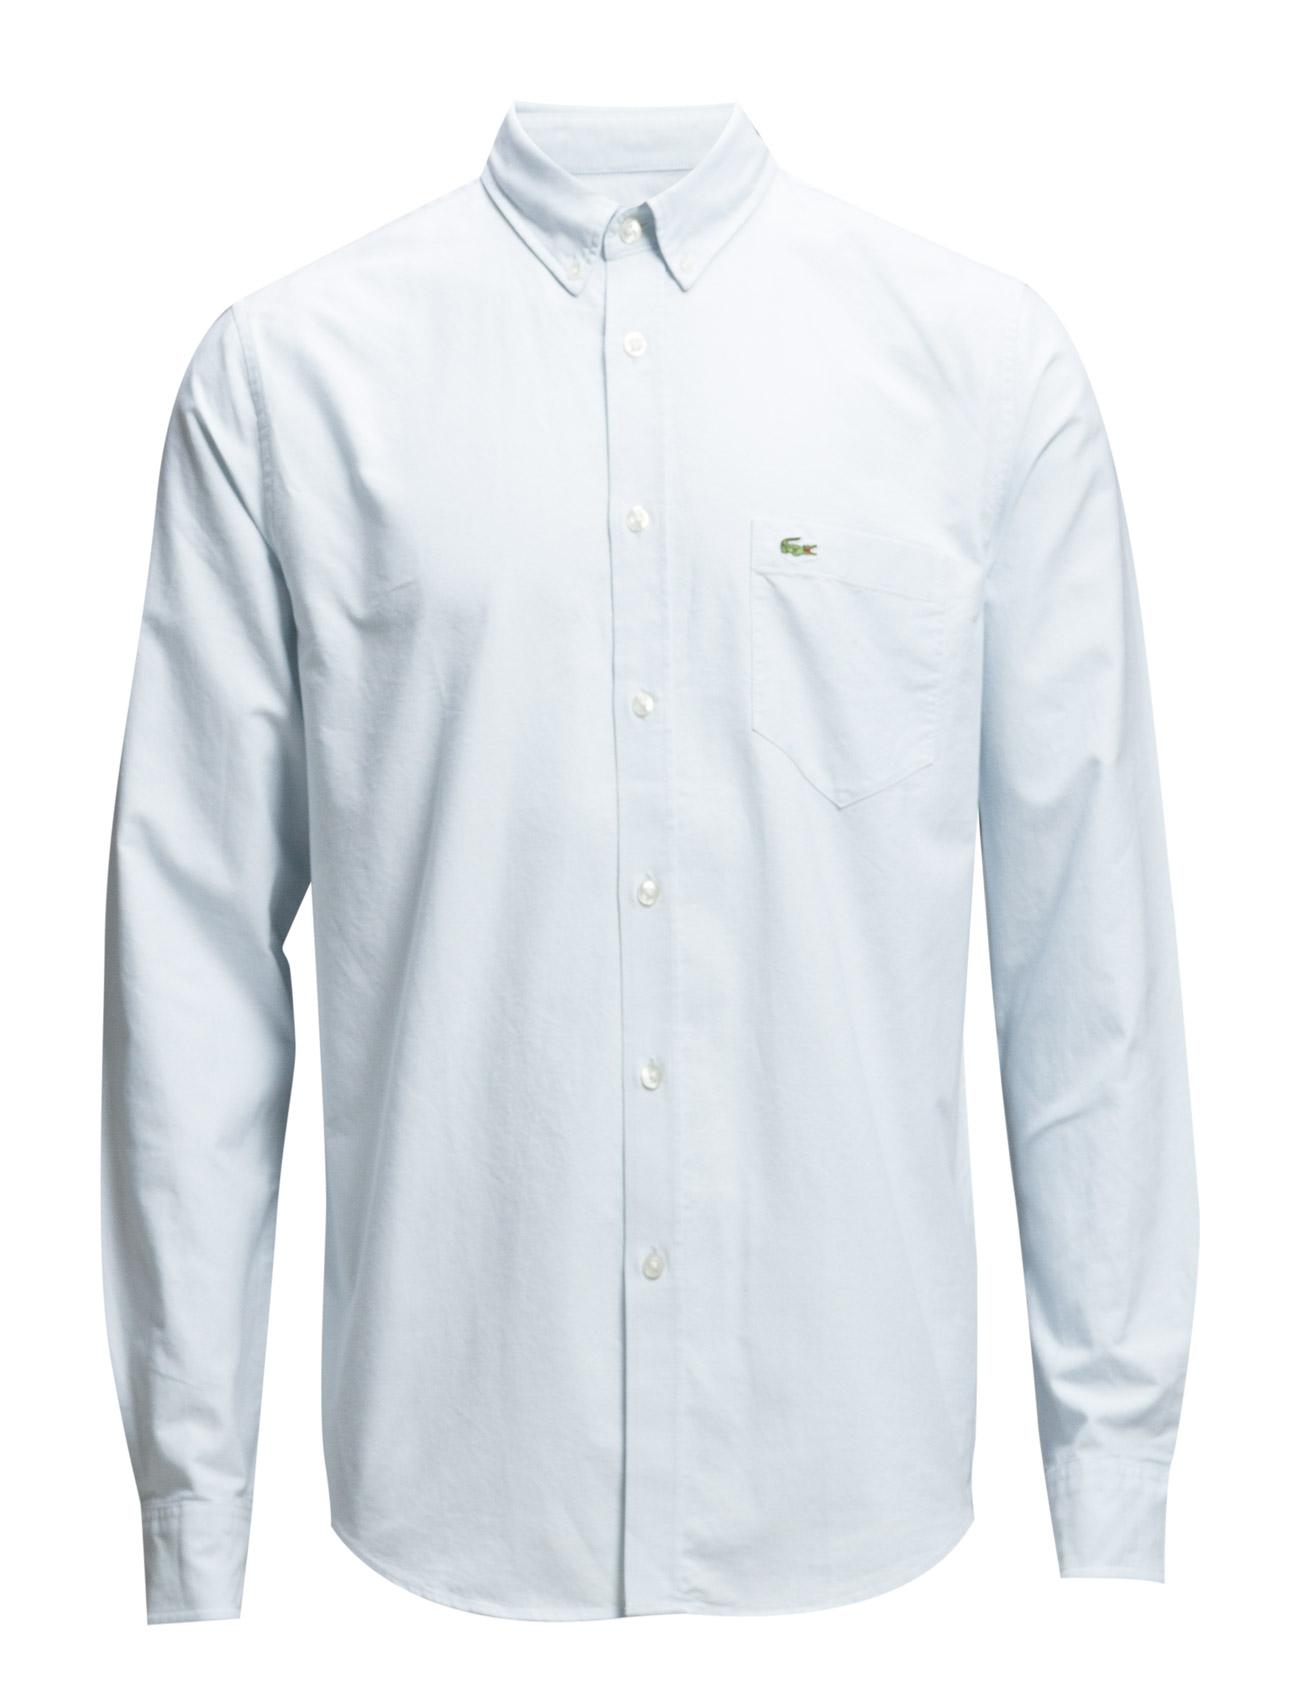 Woven Shirts Lacoste Business til Herrer i